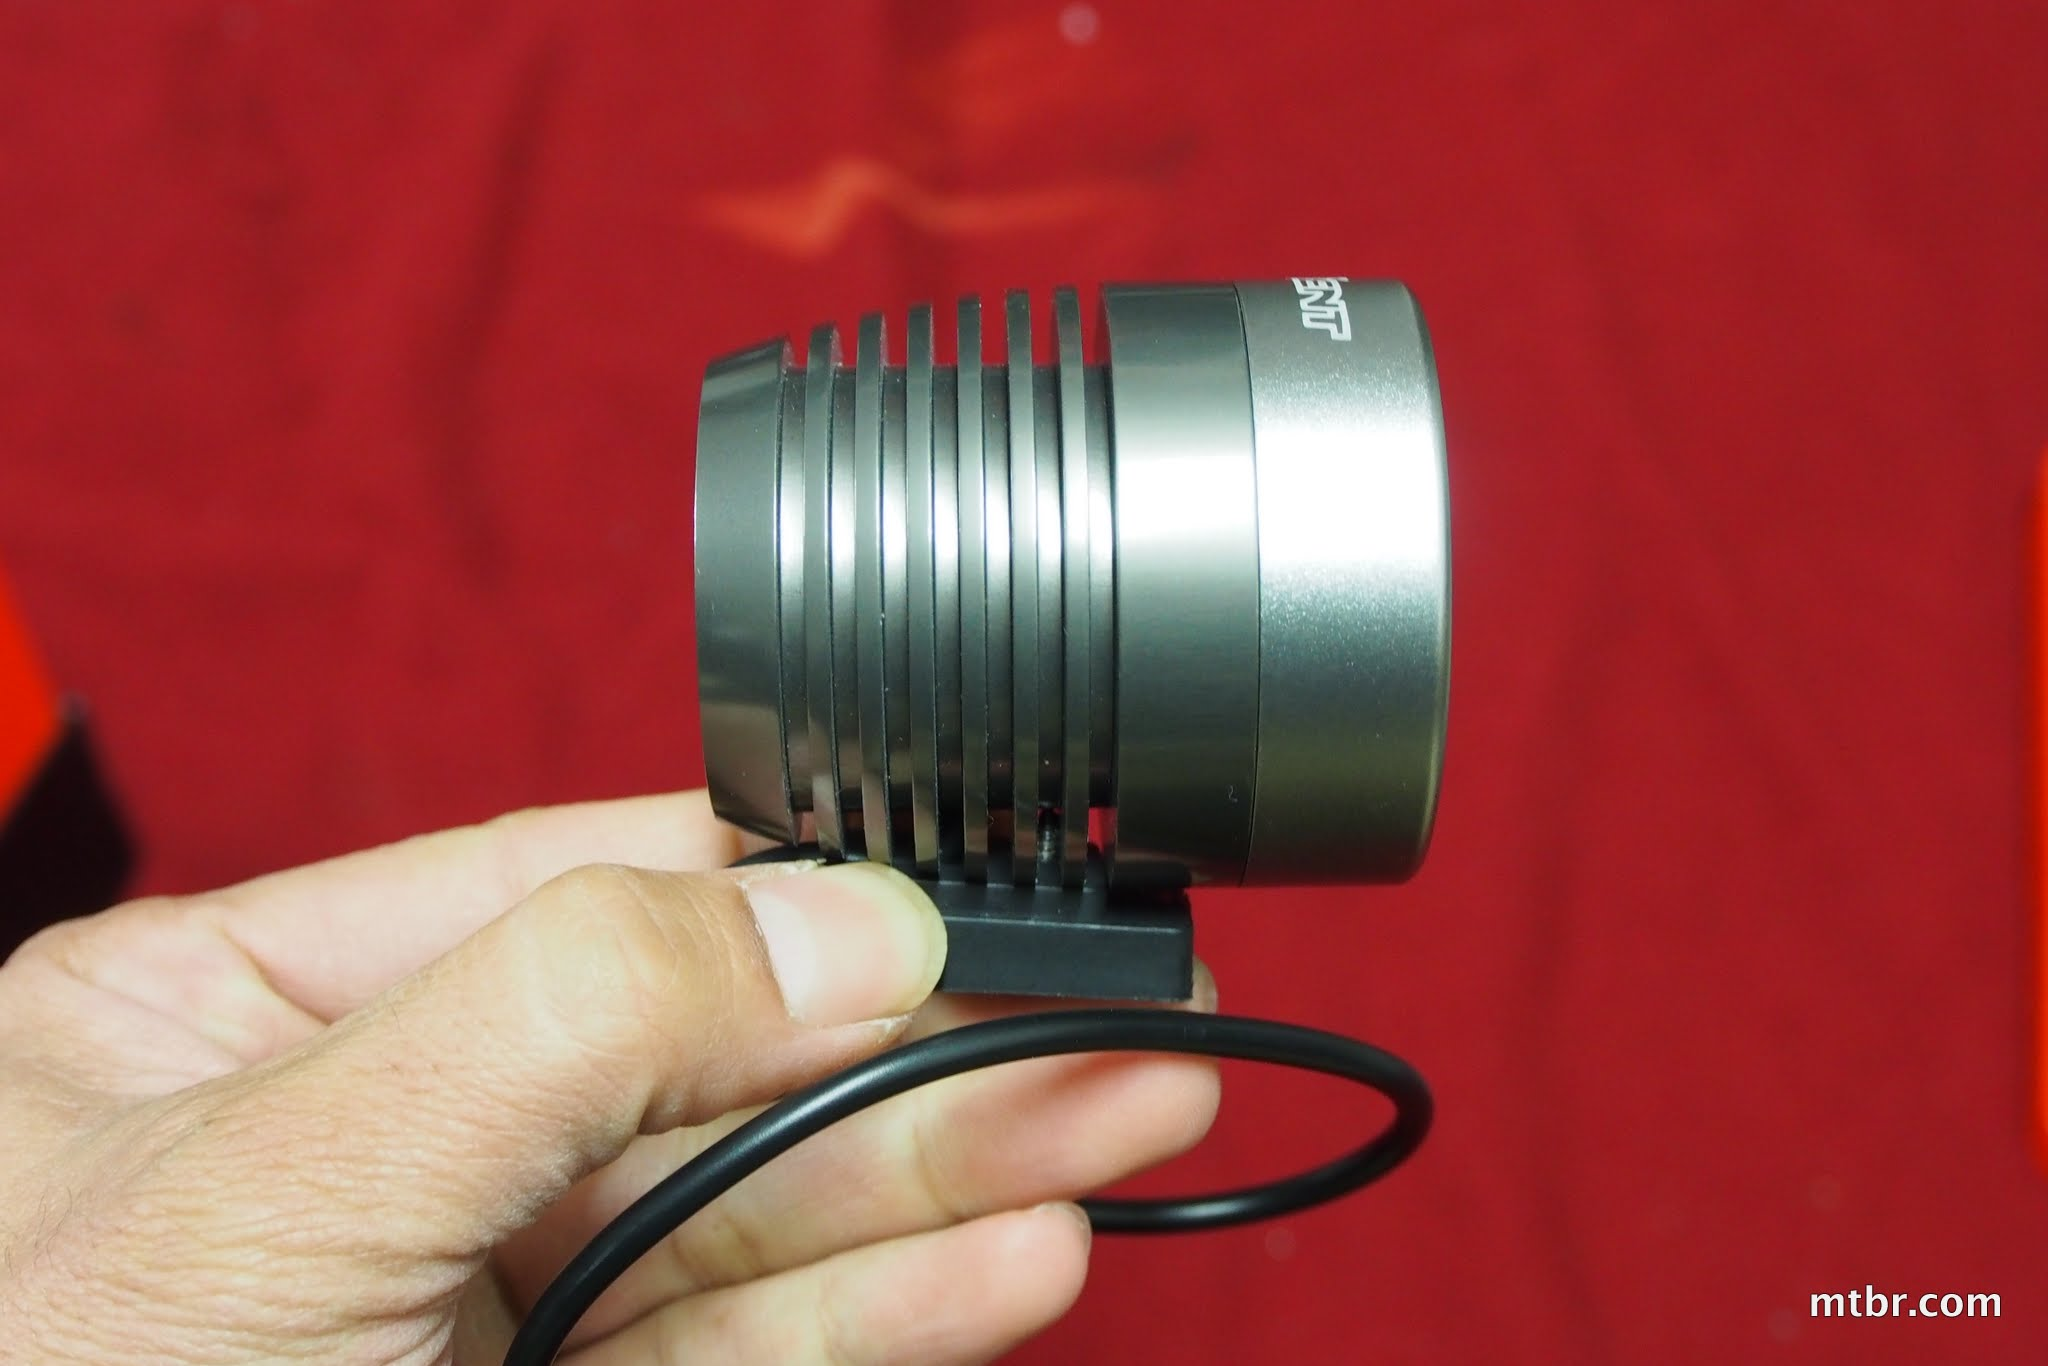 Fluxient 3xU2 3000